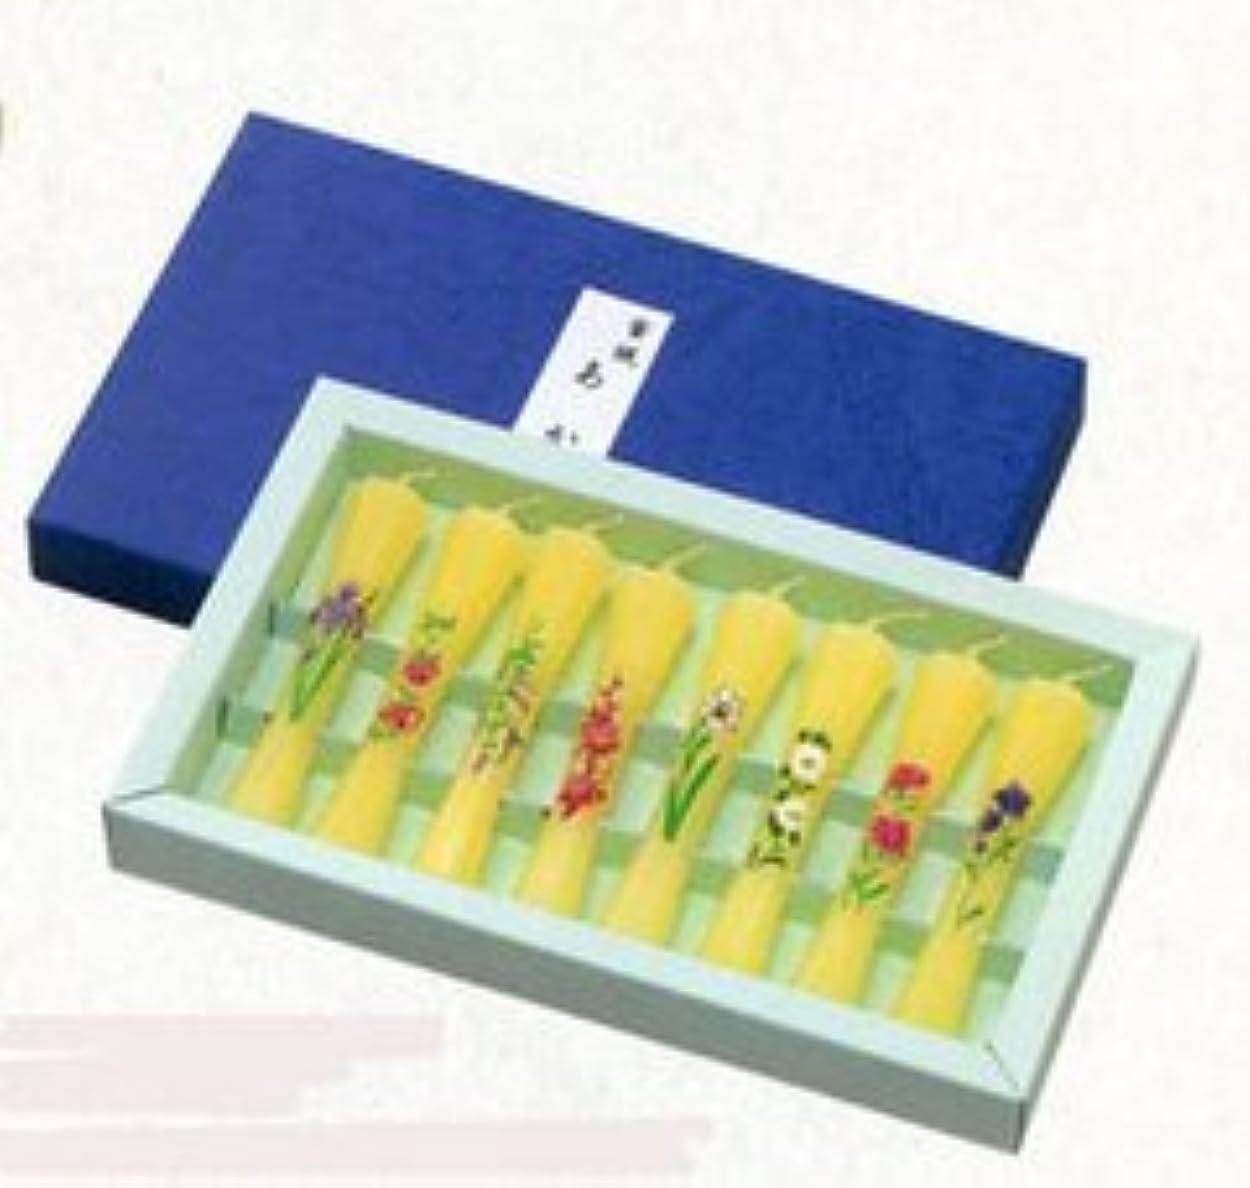 道プレゼン前者鮮やかな花の絵ローソク8本 蜜蝋(みつろー) 茜 絵ローソク